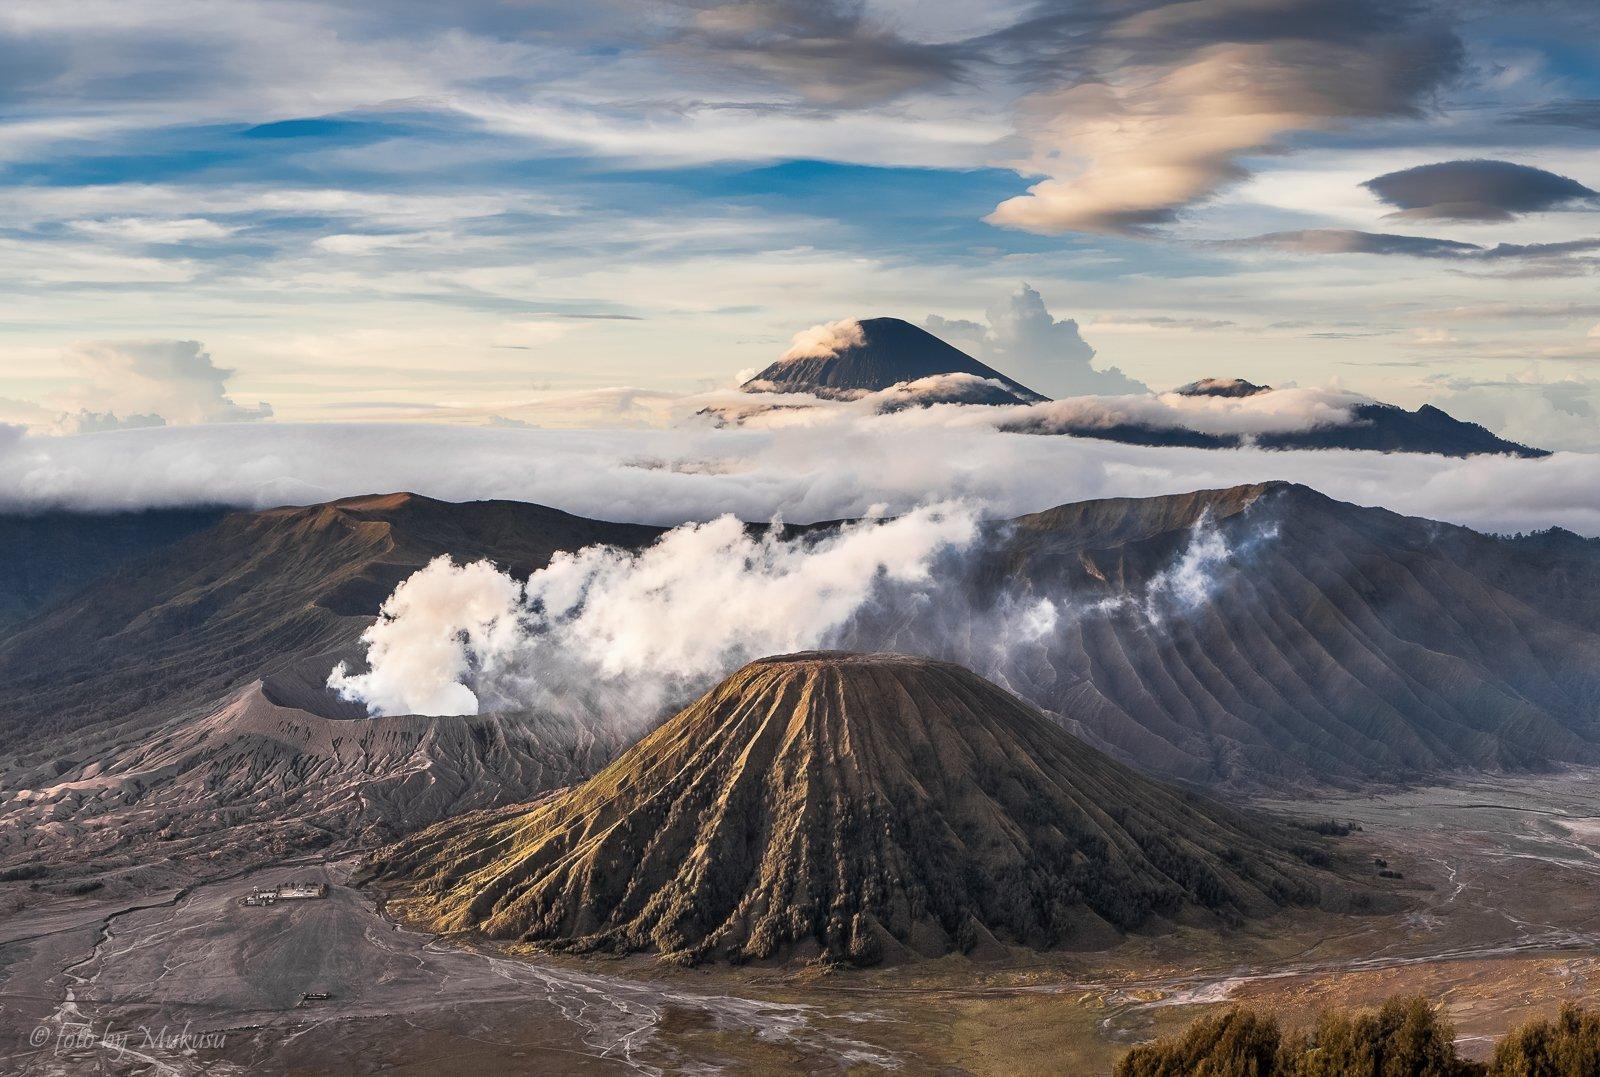 travel, landscape, sunrise, индонезия, ява, вулканы, бромо, пейзаж, рассвет, горы, путешествия, Алексей Самойленко